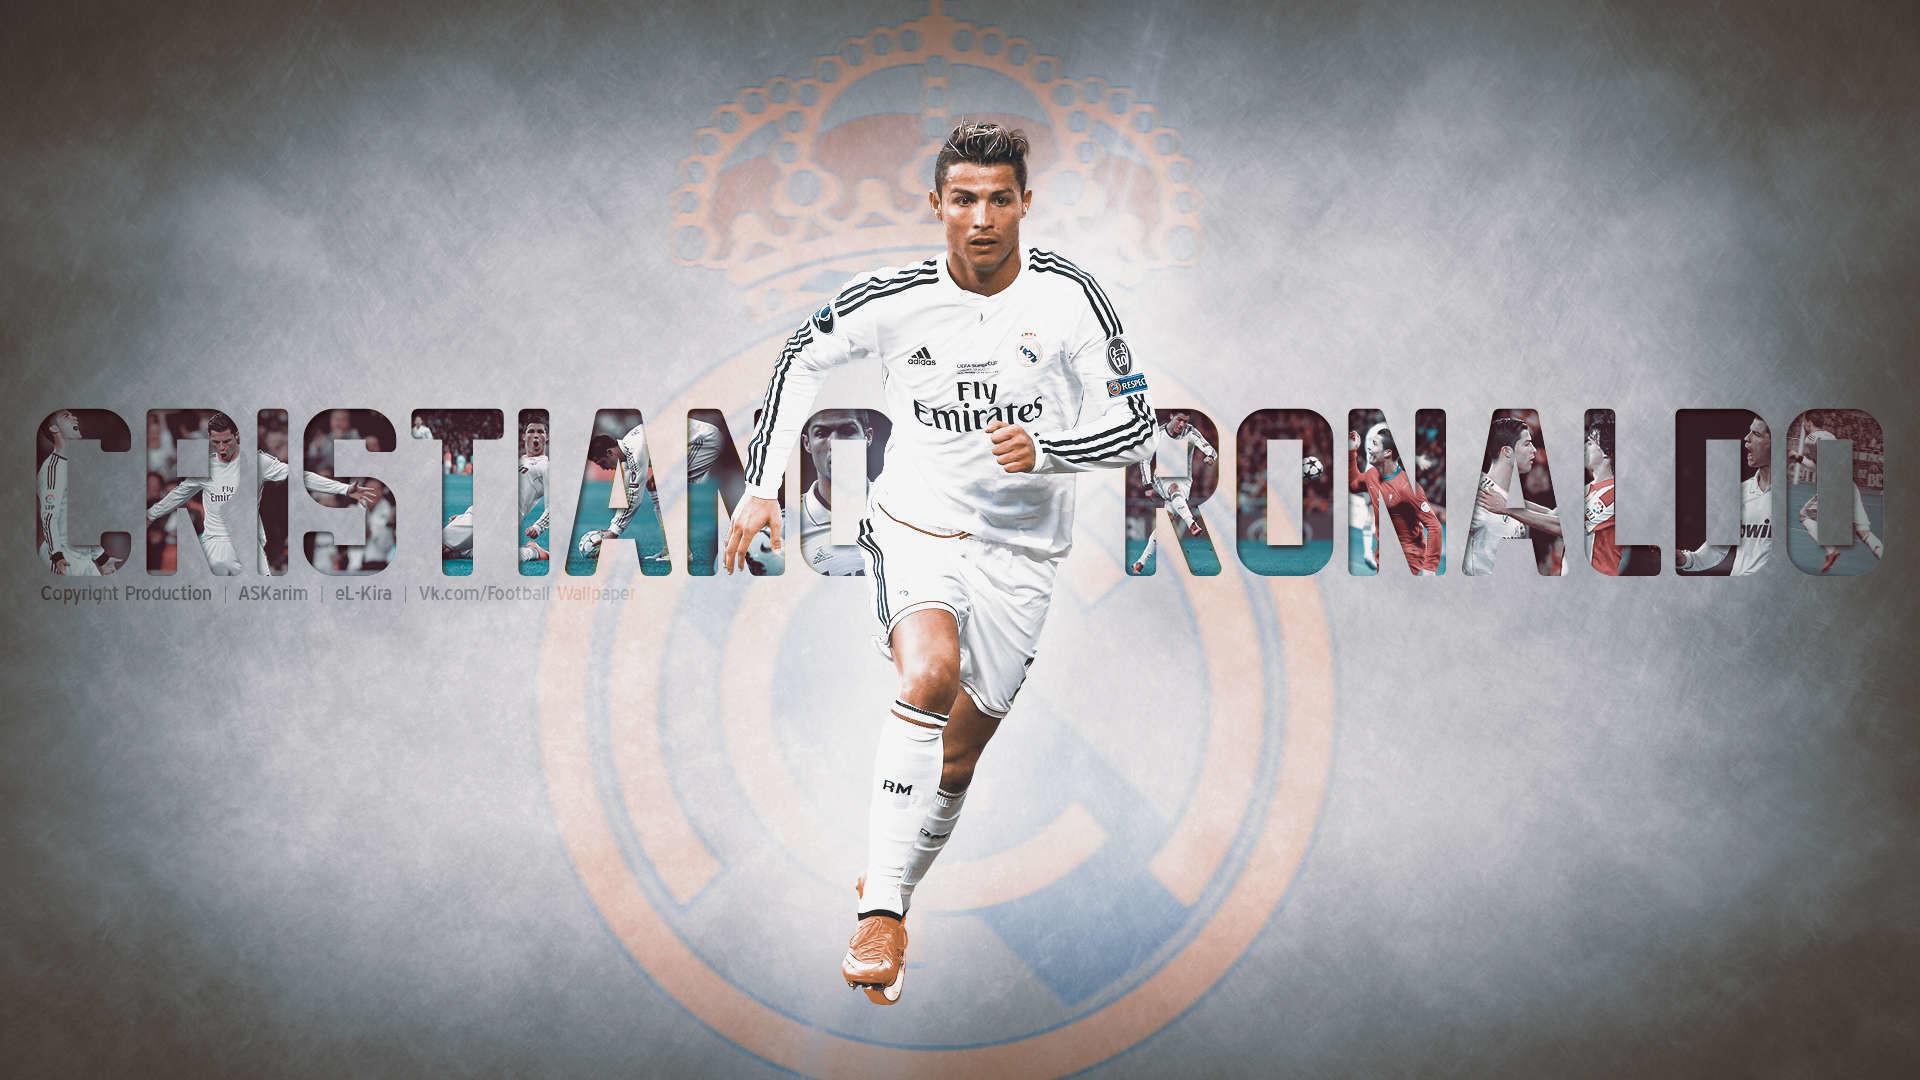 Cristiano Ronaldo Soccer 2018 Wallpaper ①